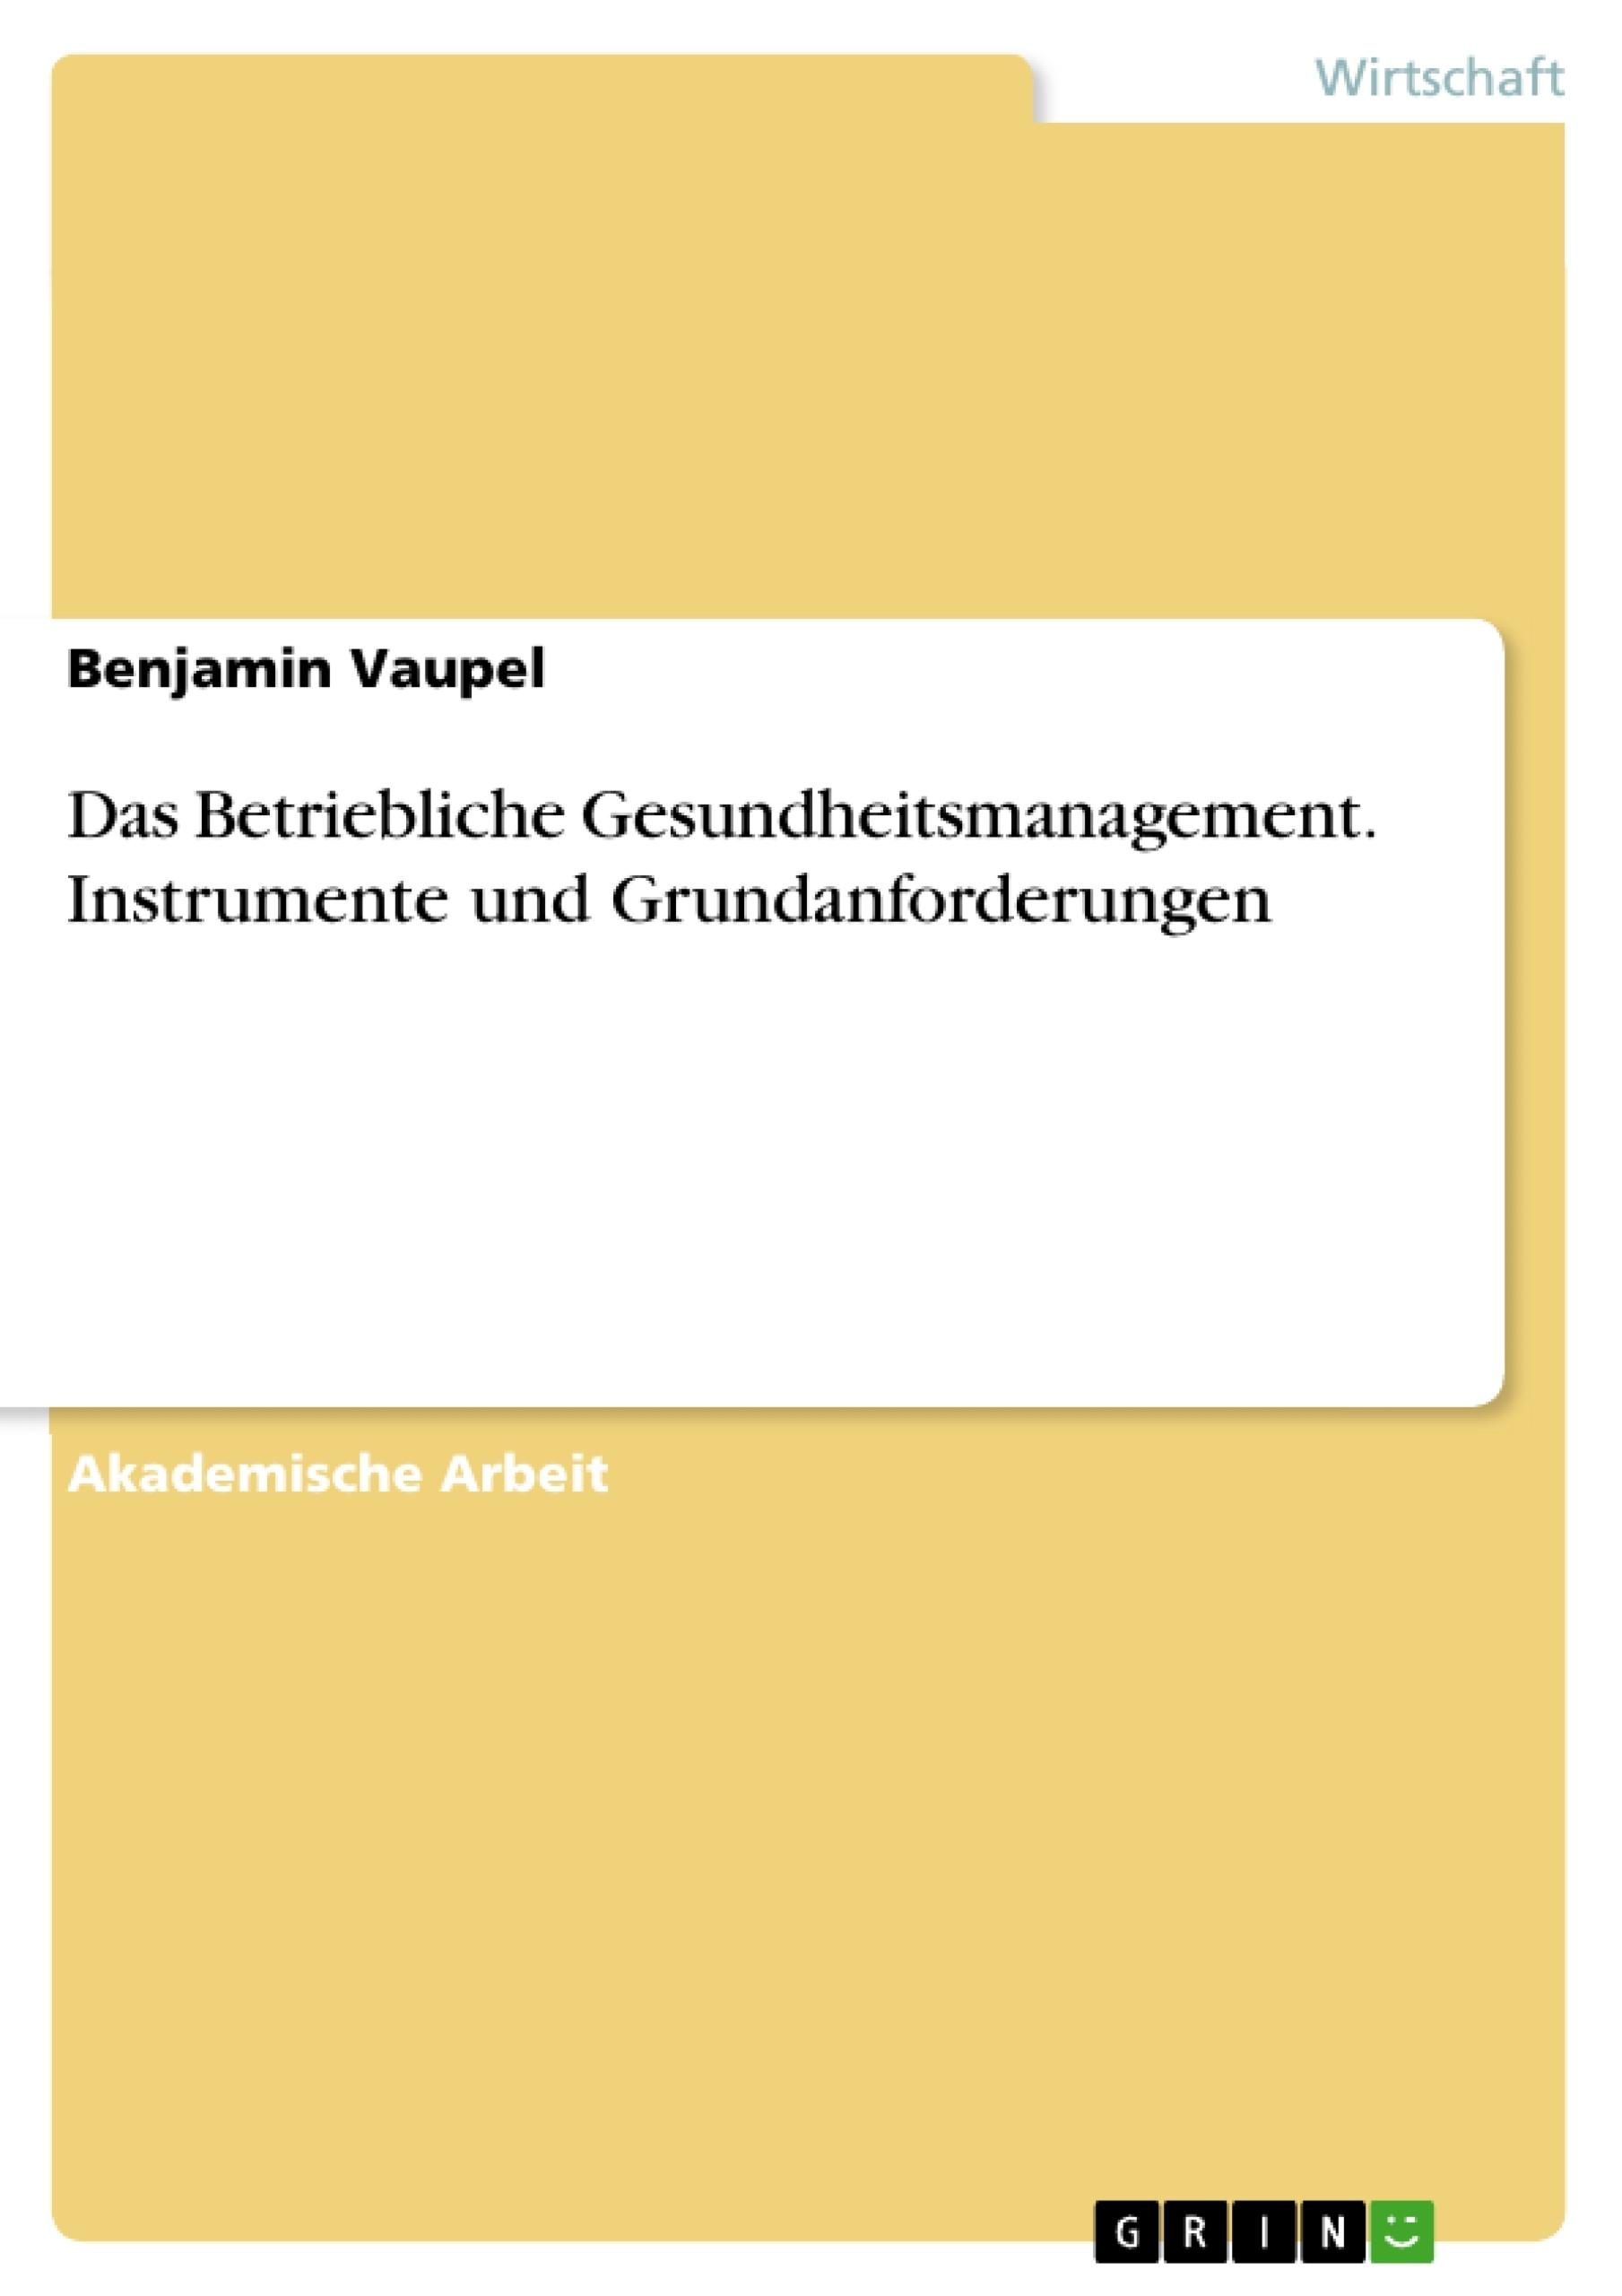 Titel: Das Betriebliche Gesundheitsmanagement. Instrumente und Grundanforderungen